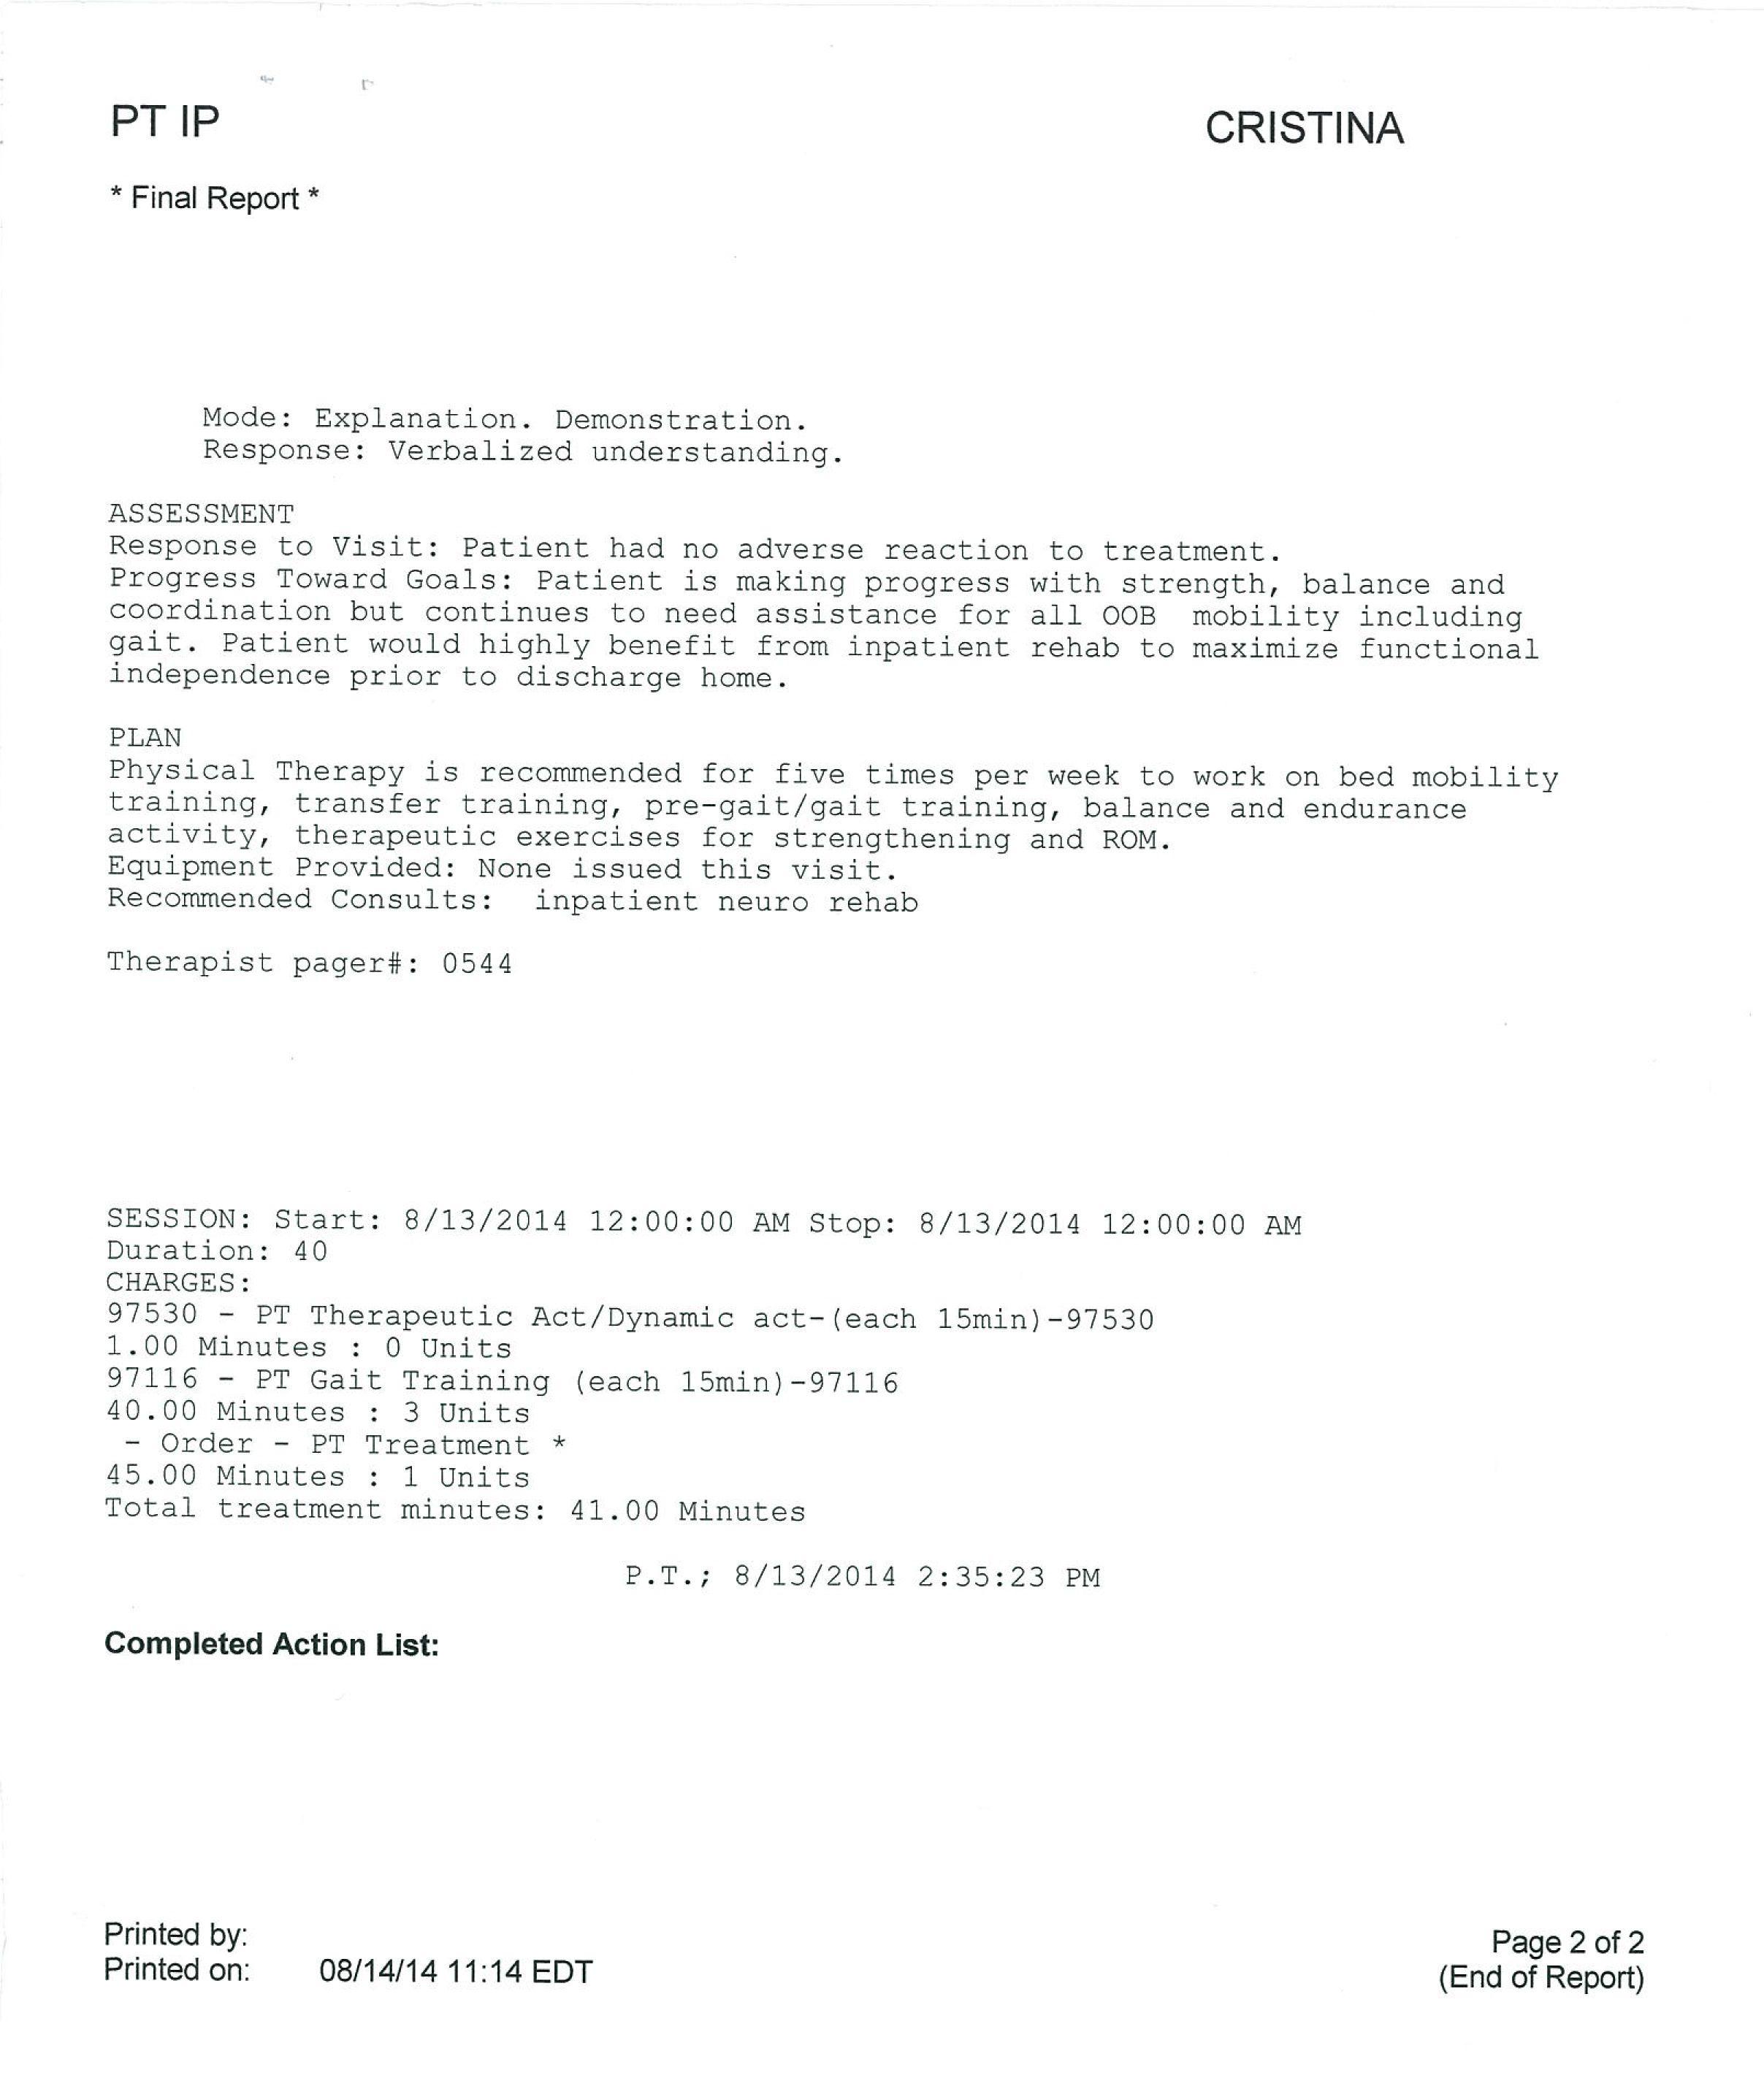 LifEscozul® - Cristina 1 - Cáncer Cerebral